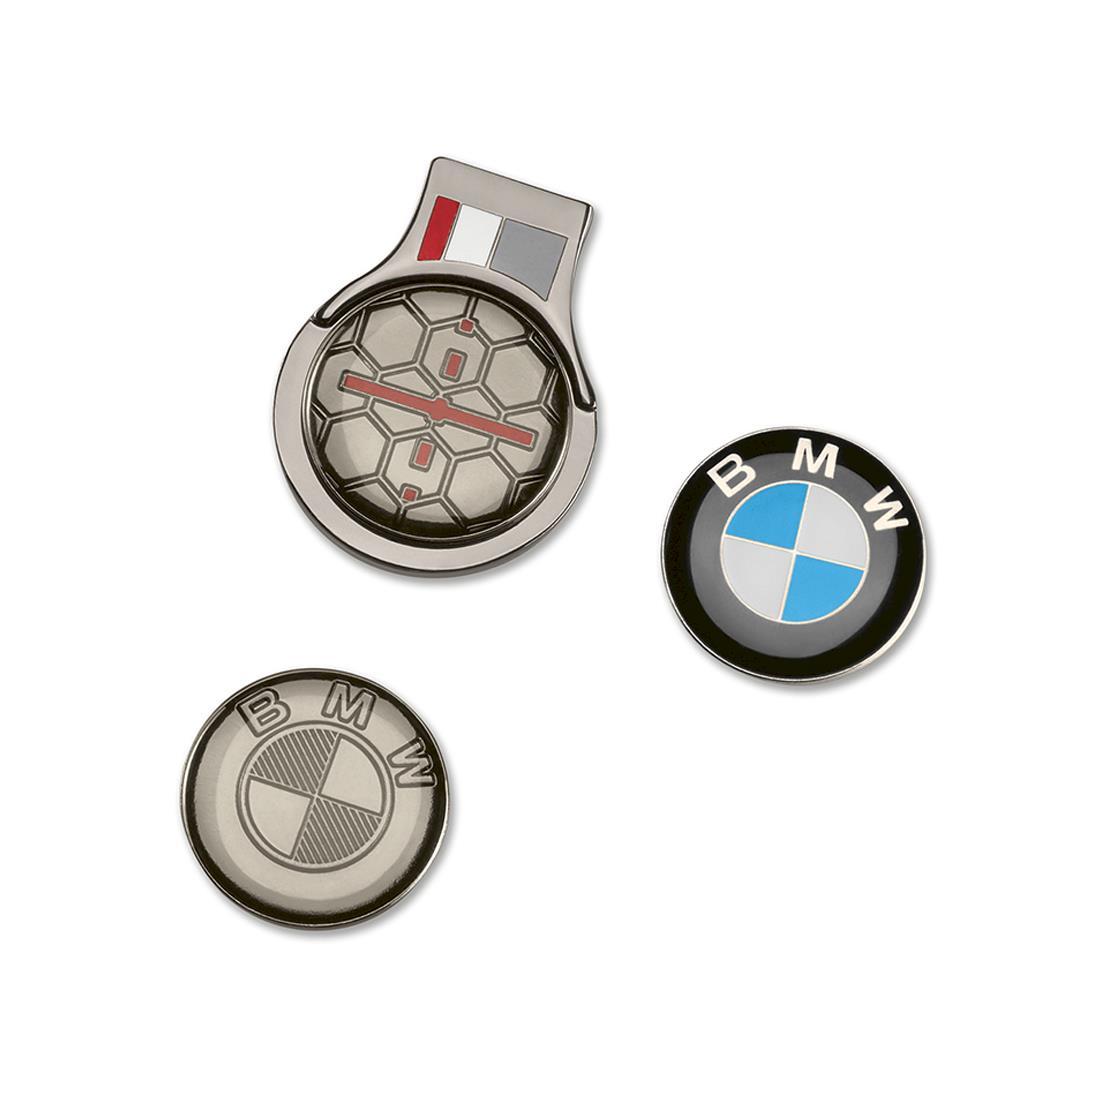 BMW Golfsport Ballmarker Set